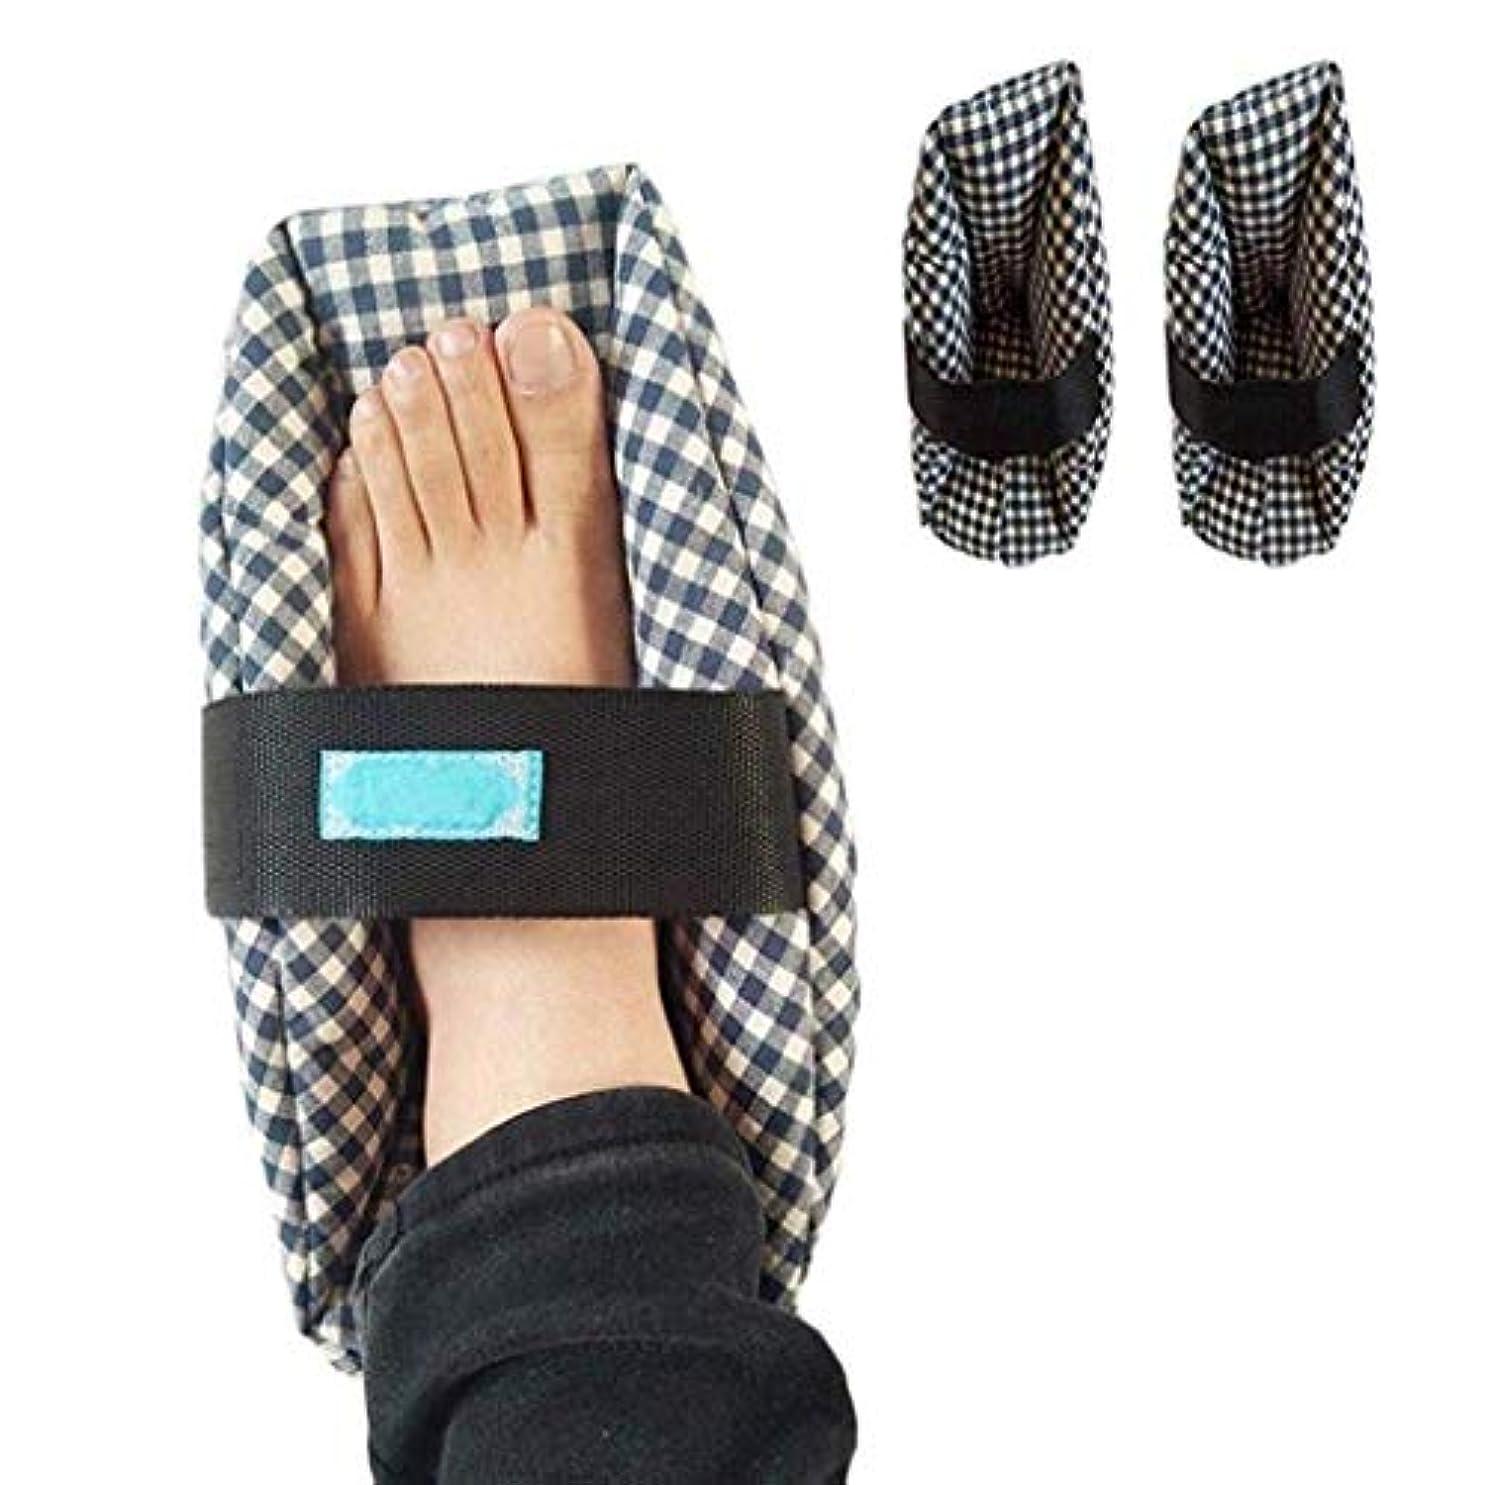 衝撃マットレス衰える柔らかい快適なかかとプロテクター枕高齢者の足の補正カバーかかとパッドプロテクター反De瘡腫れ足寝たきり患者